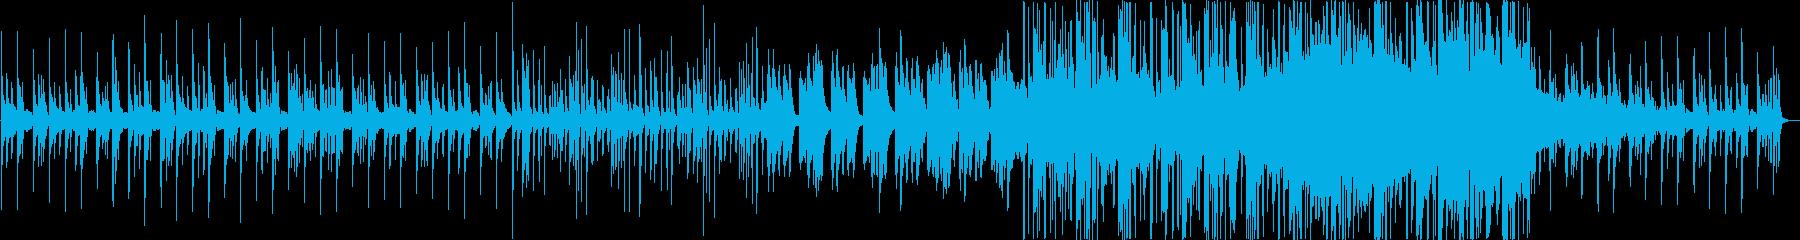 懐かしさを感じる温かいメロディのBGMの再生済みの波形